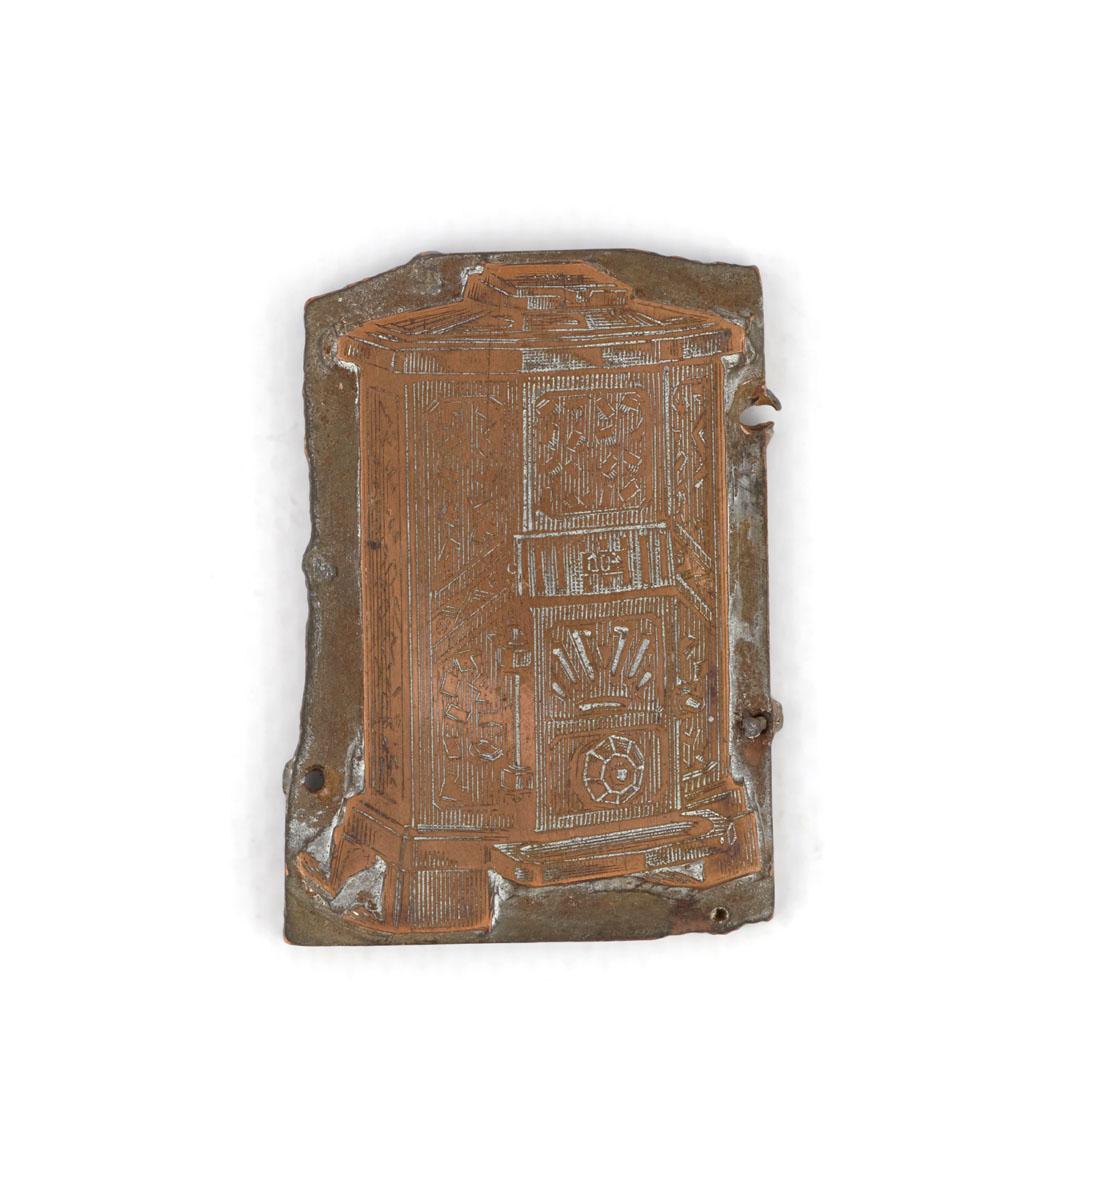 Vue de la gravure sur cuivre figurant le foyer hygiénique « Godinette » n° 400.